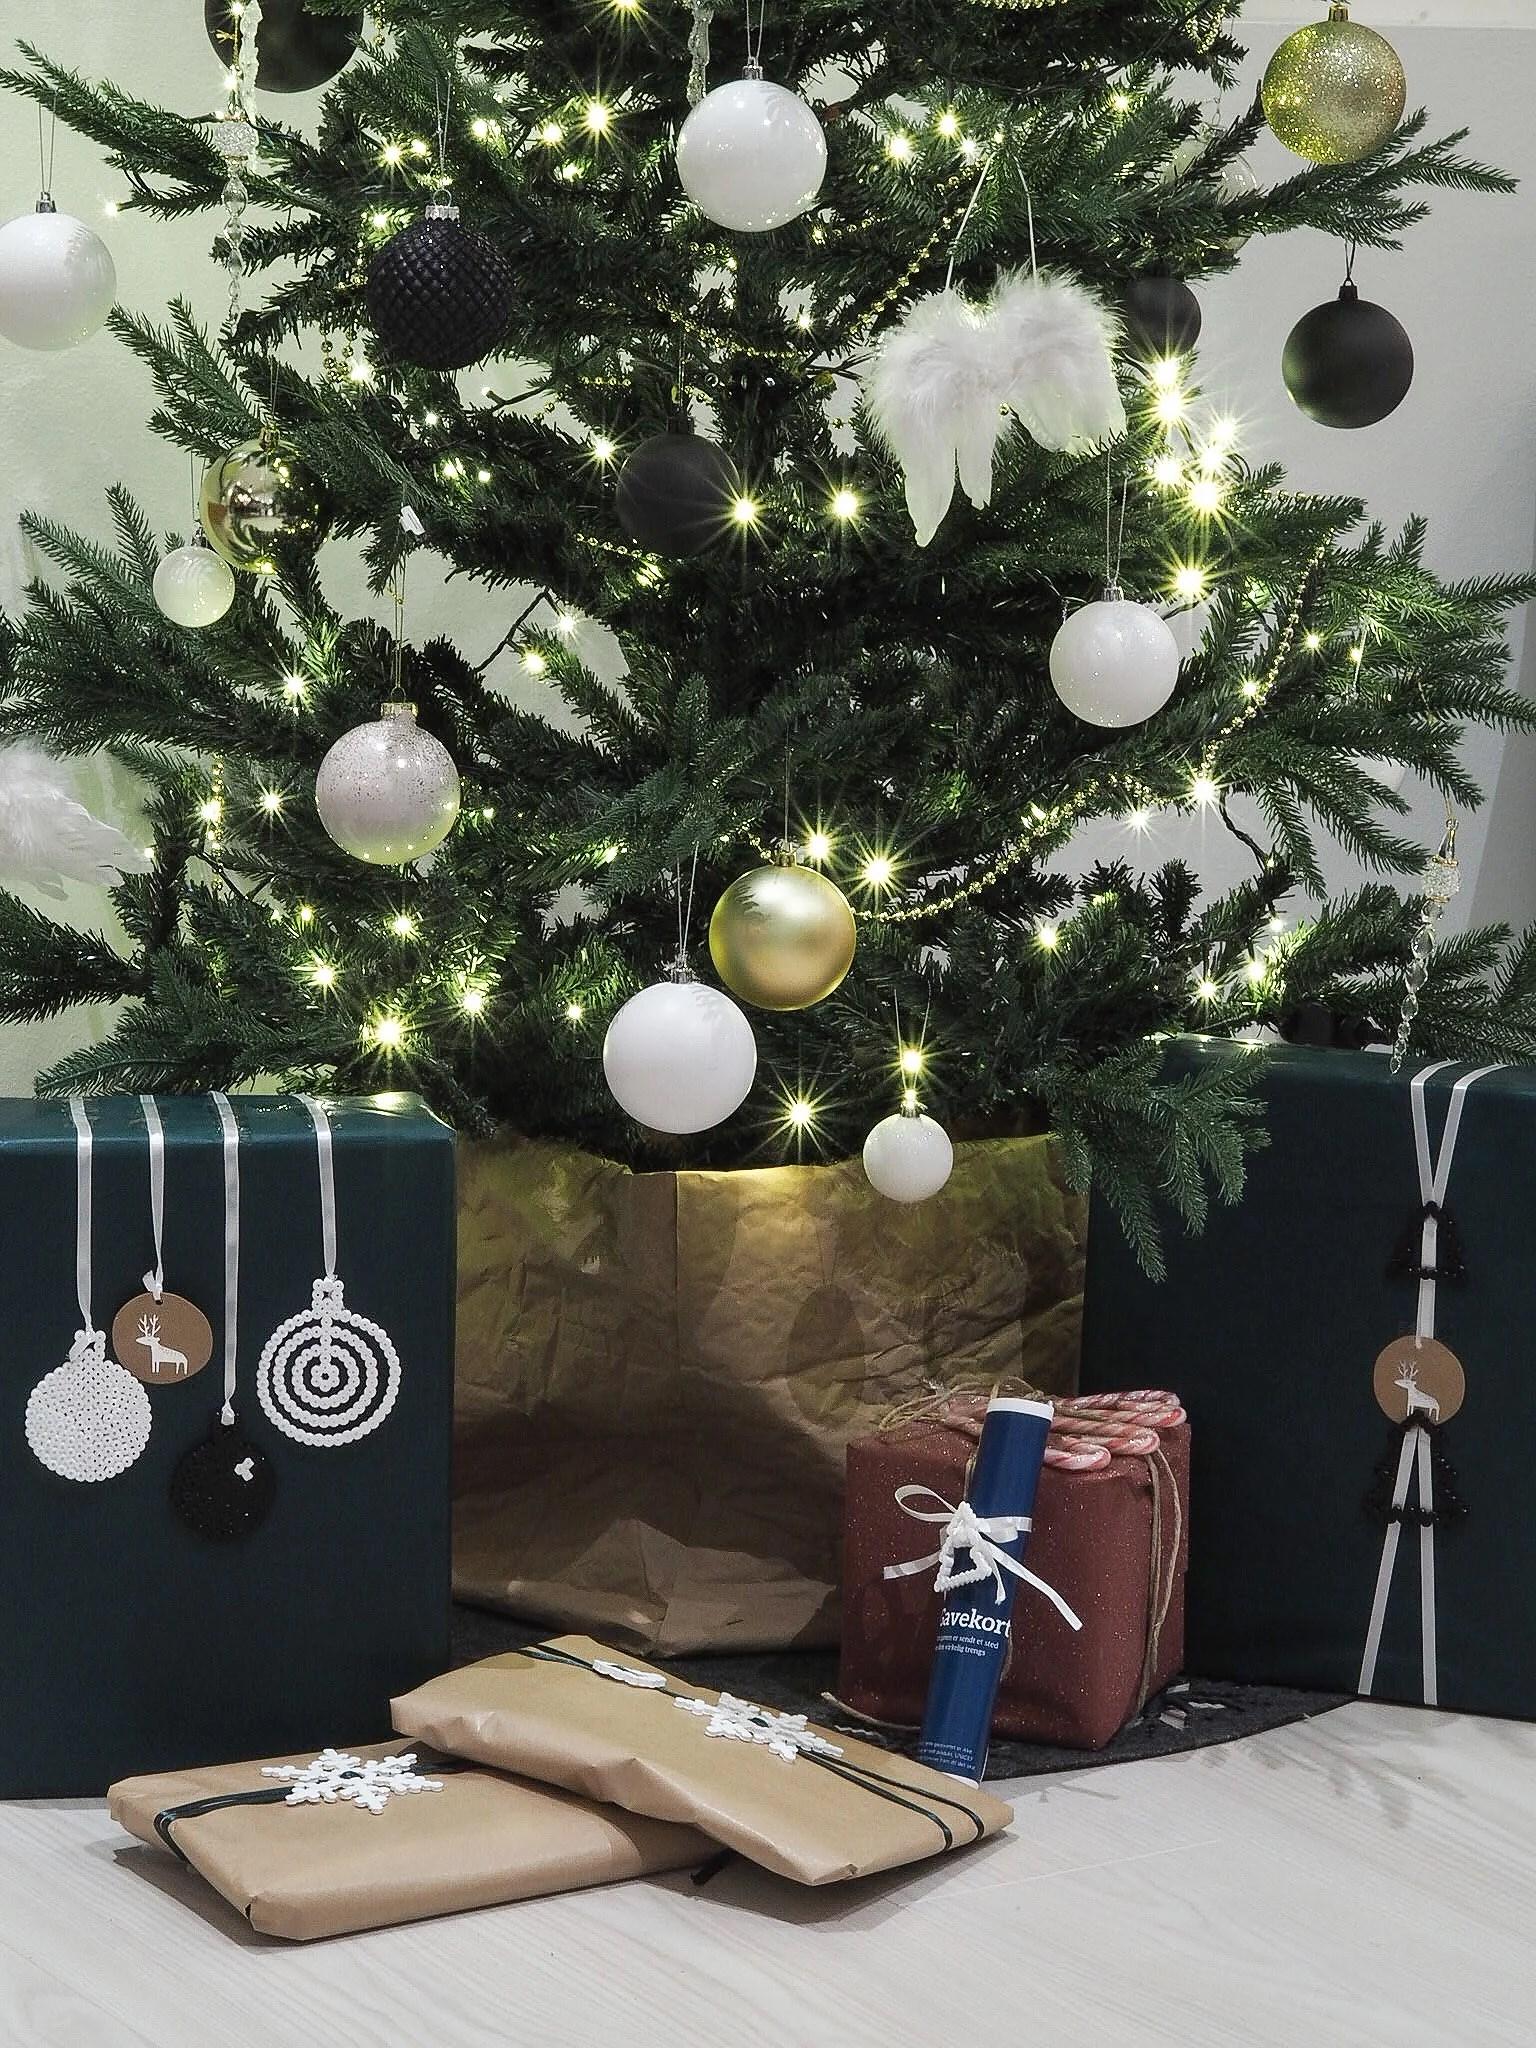 DIY juledekor hama perler - pluss tips til juletrefotskjuler